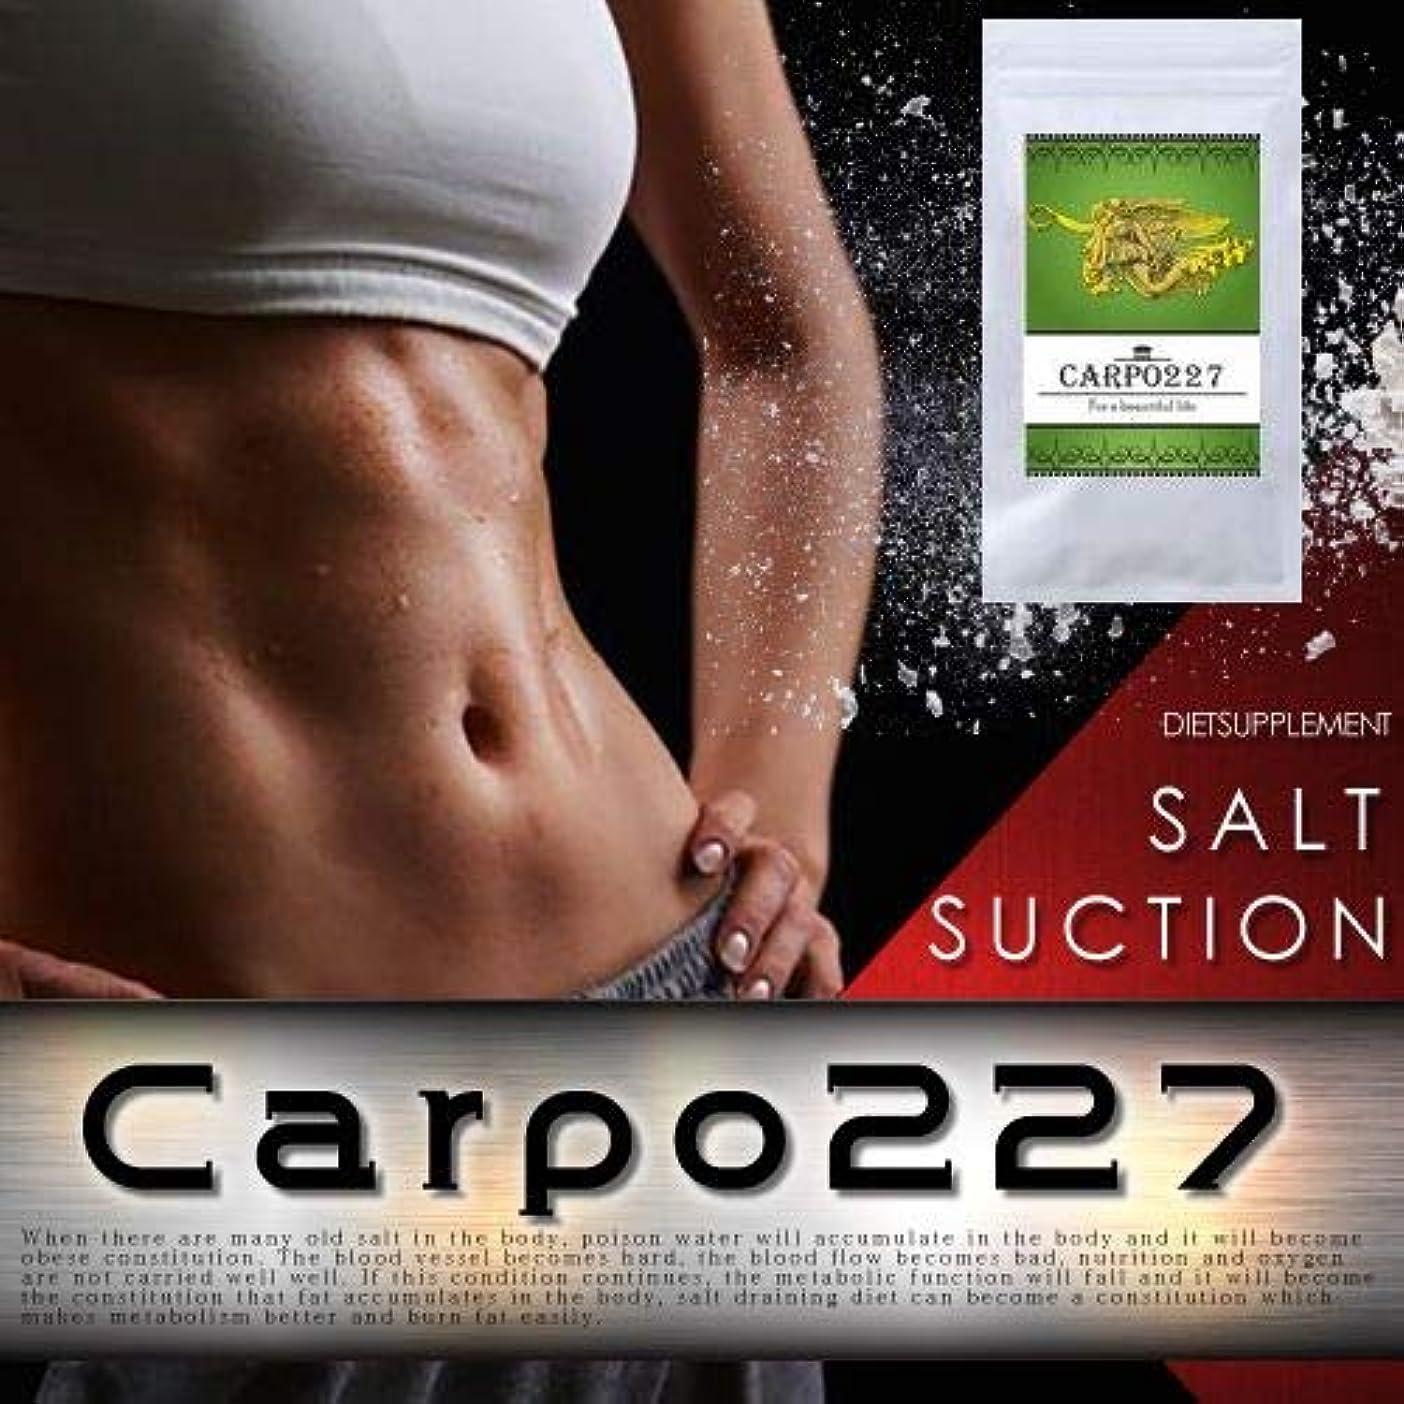 いとこメンタリティ靄Carpo227(カルポ227)